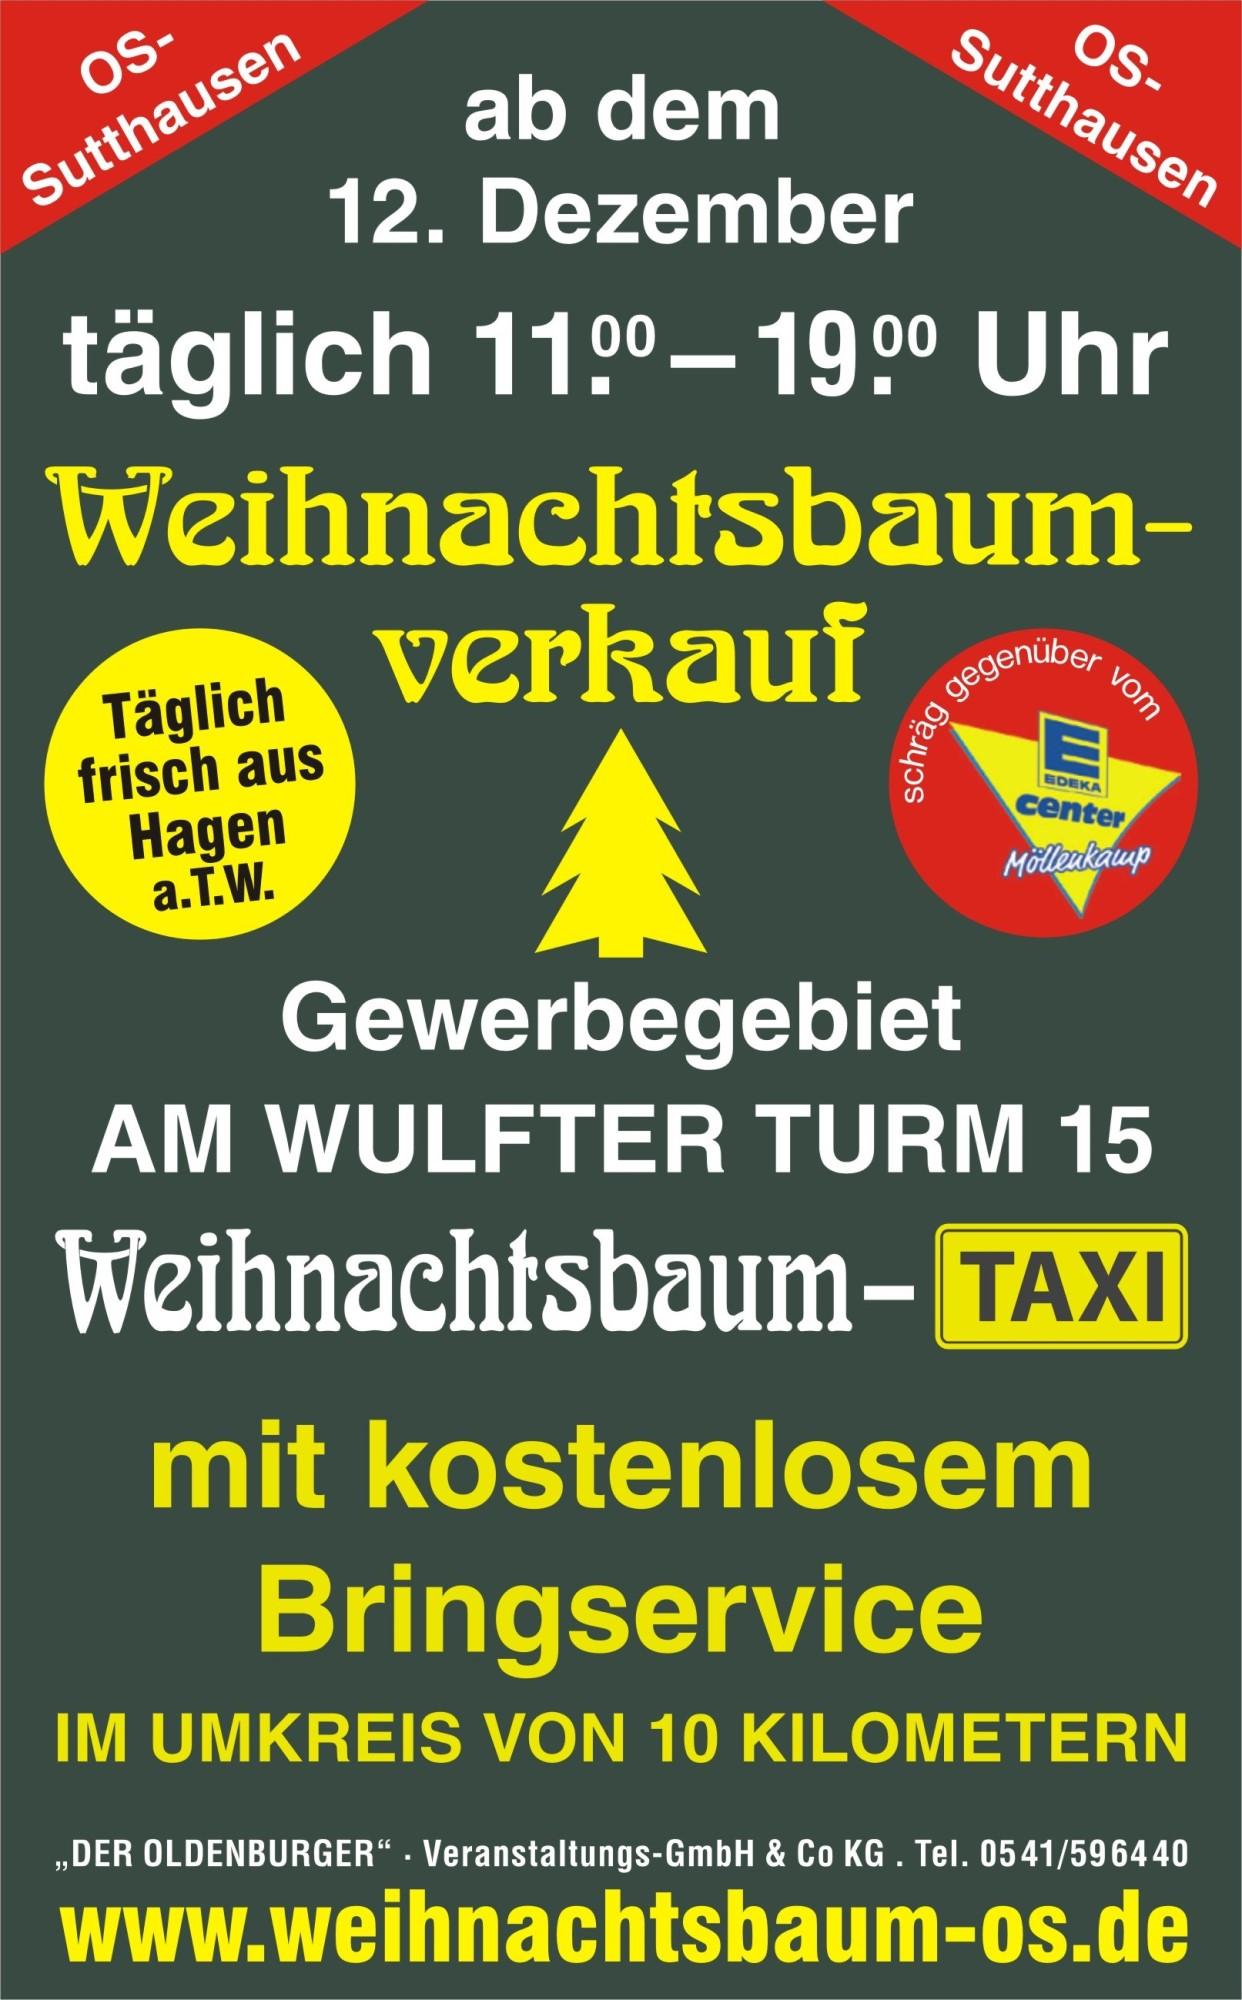 Weihnachtsbaum-Taxi 2020 Grafik